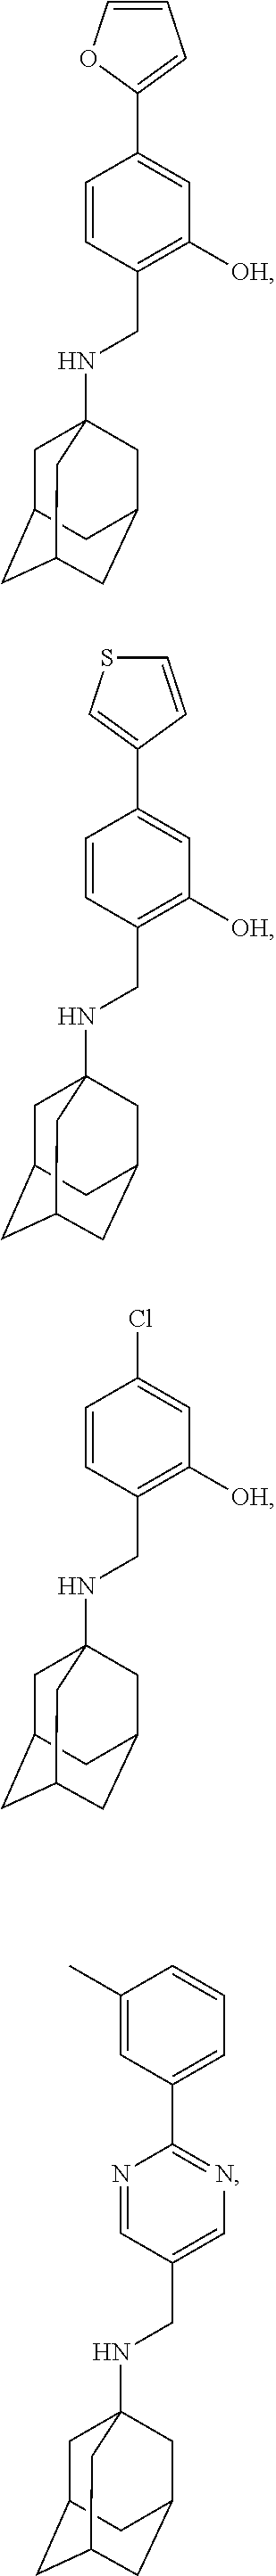 Figure US09884832-20180206-C00076